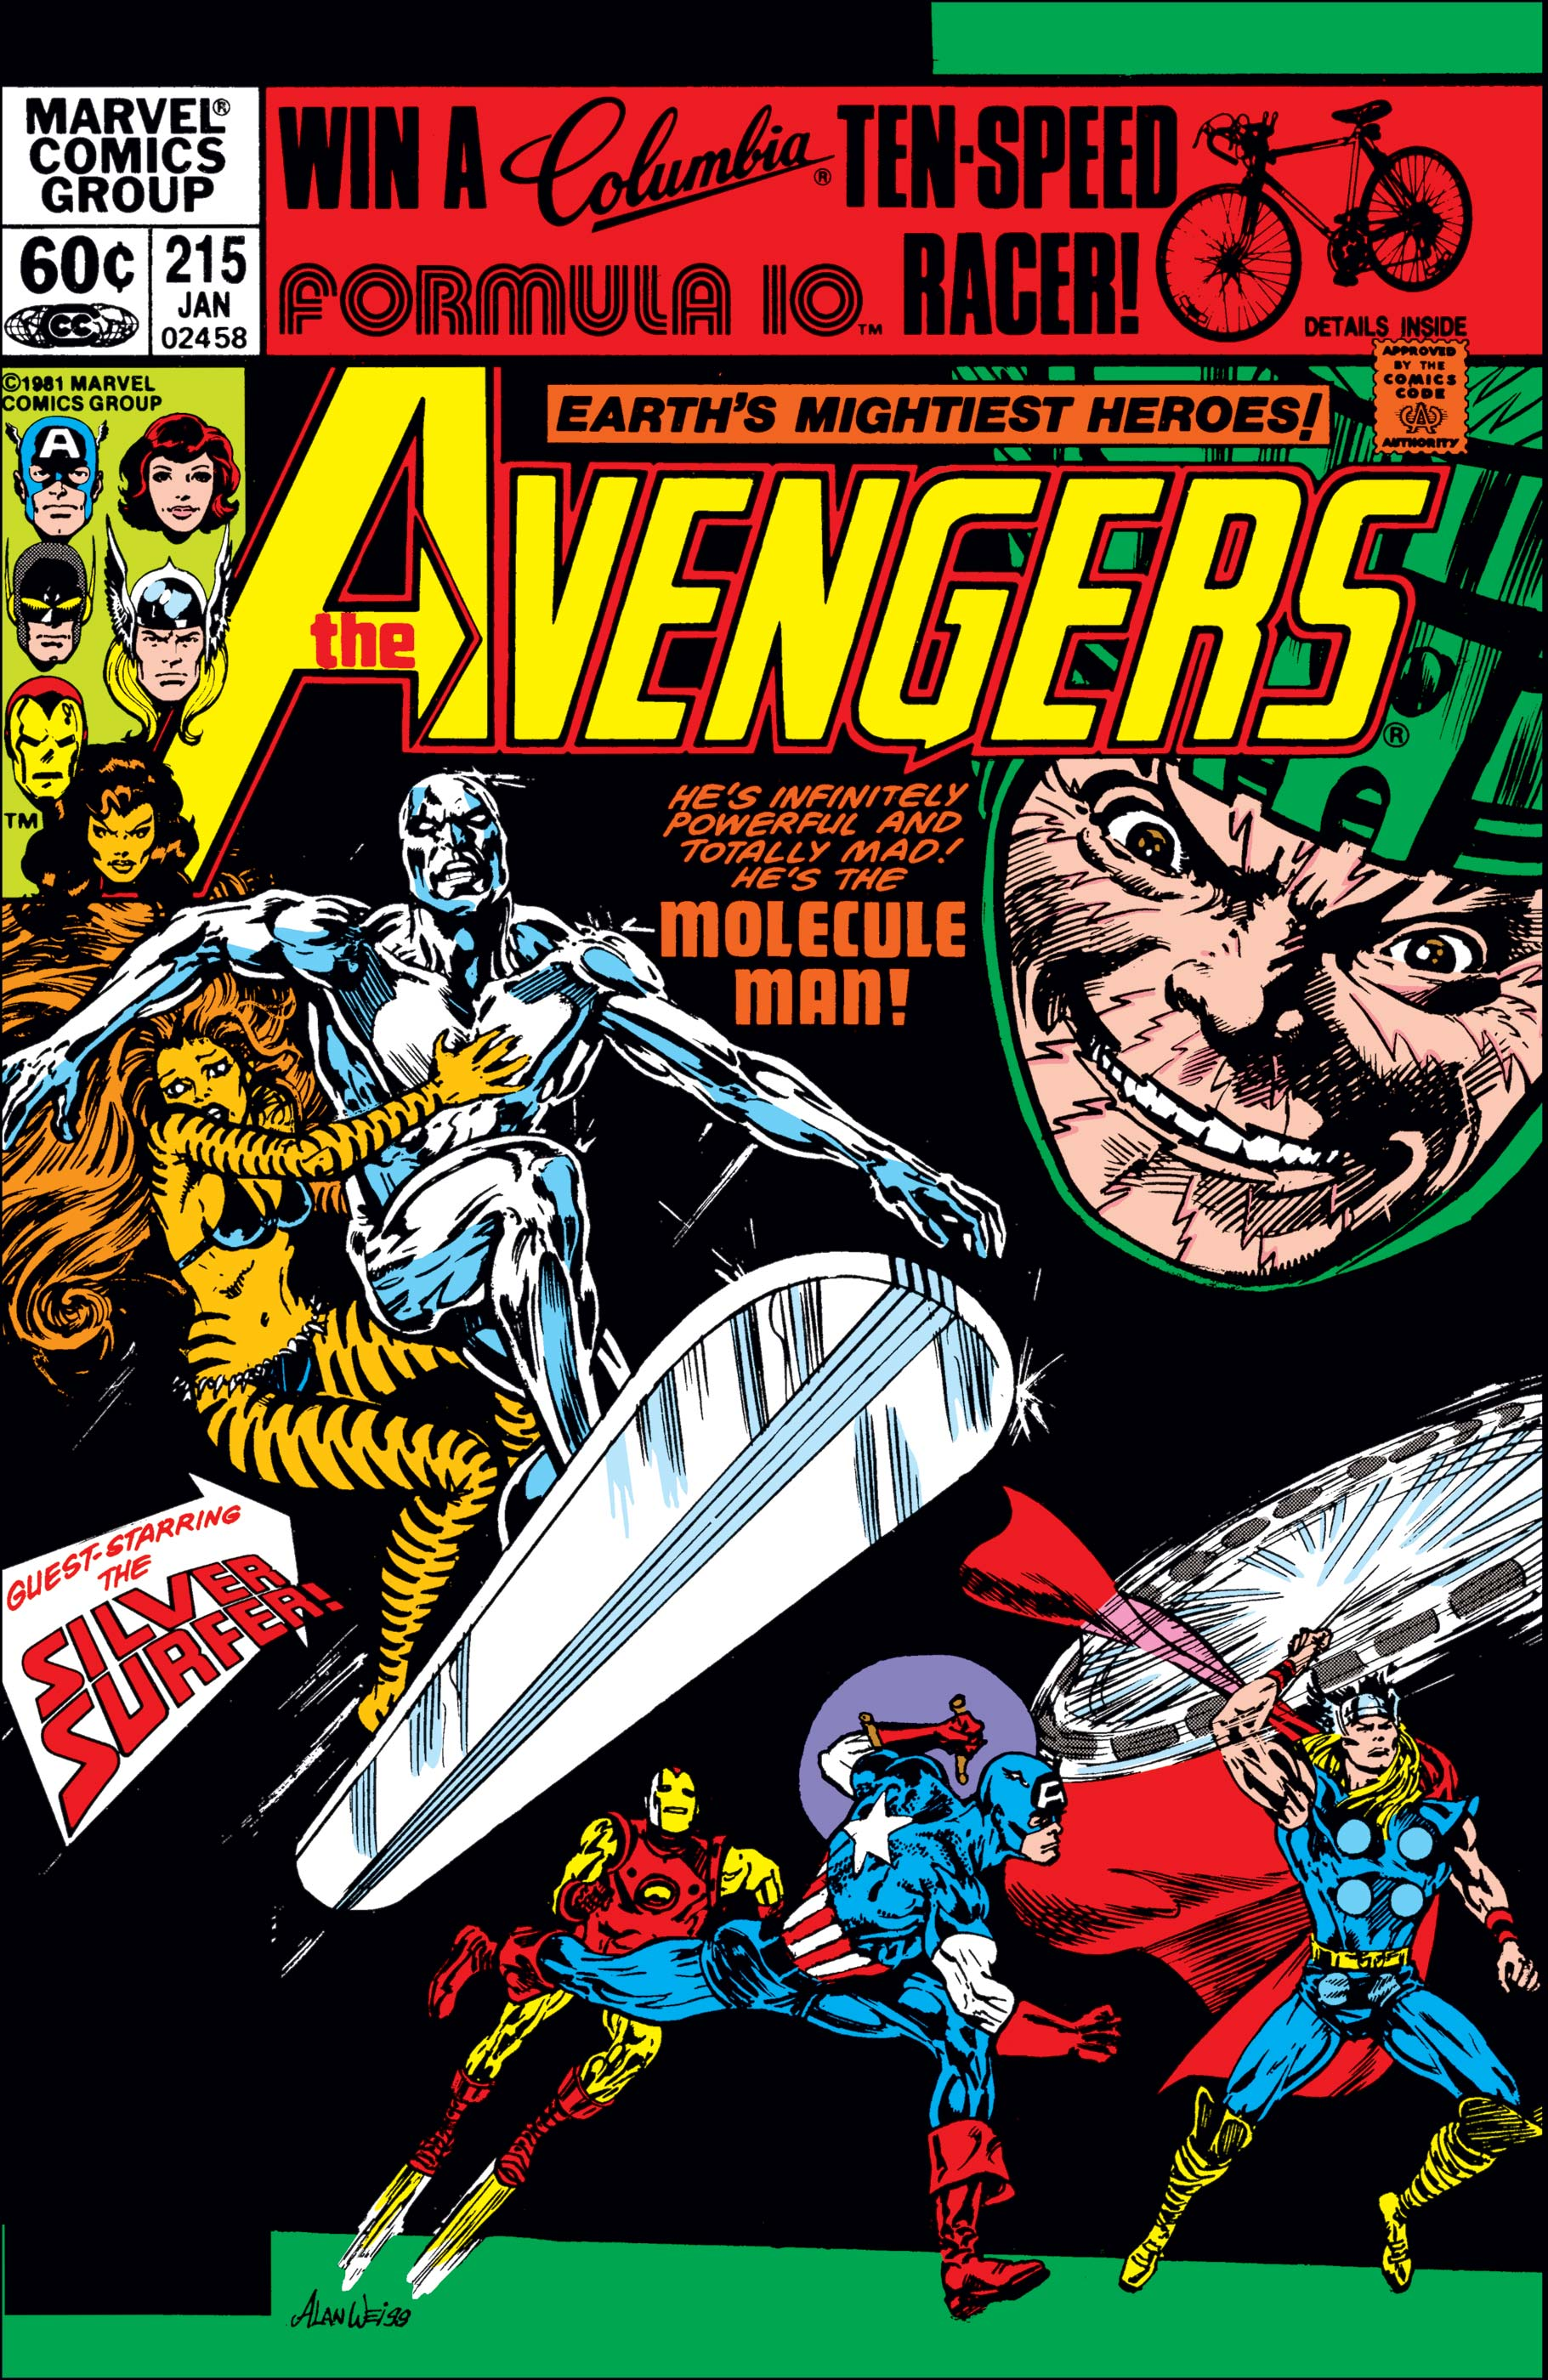 Avengers (1963) #215